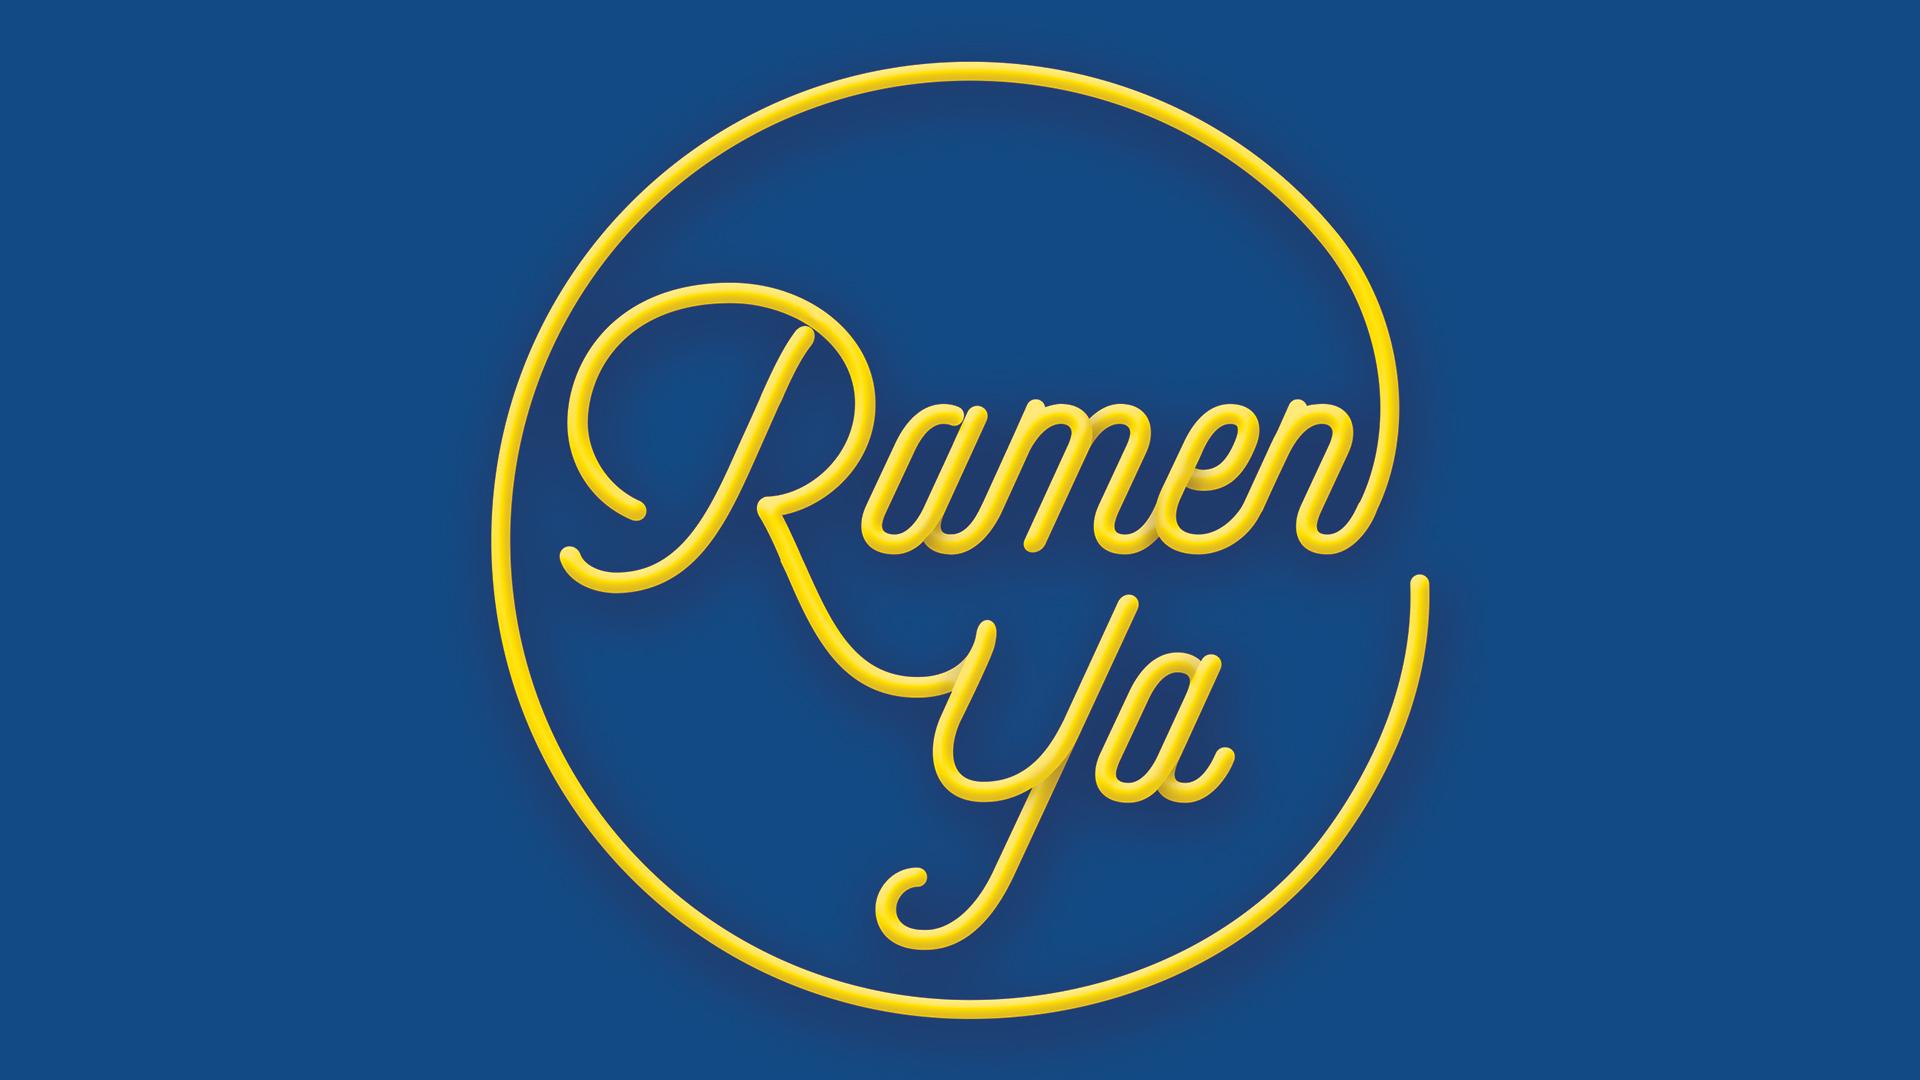 Ramen-ya-v4.jpg